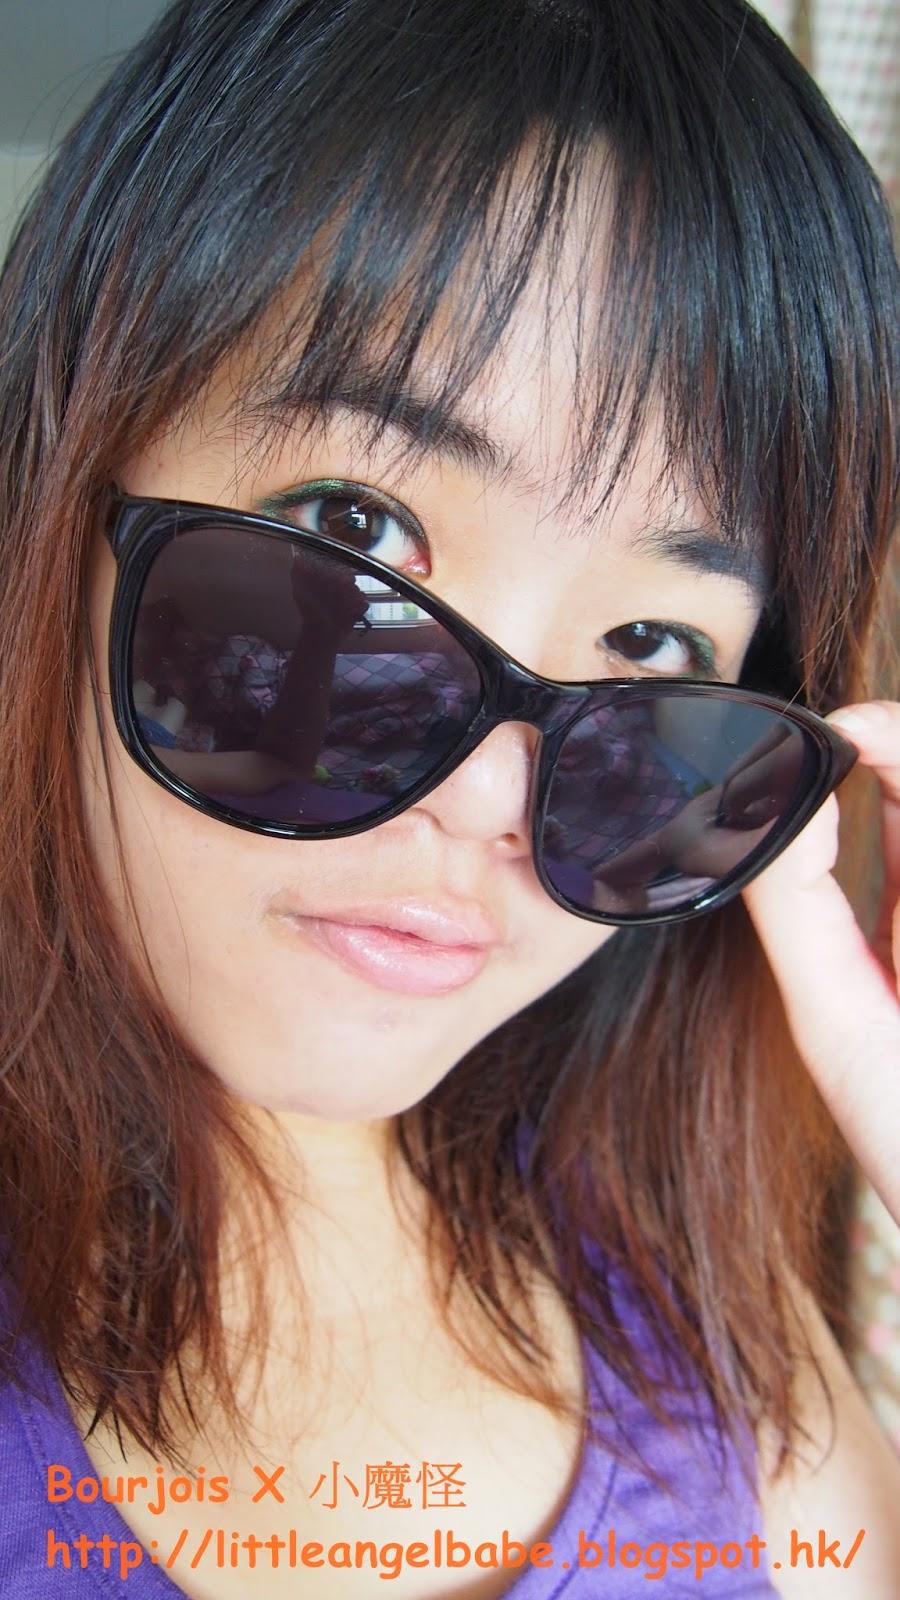 http://2.bp.blogspot.com/-6ftT_Wq52S8/U9pzJaydE1I/AAAAAAABA8c/u_GRbP6Gbo0/s1600/P7272236.JPG